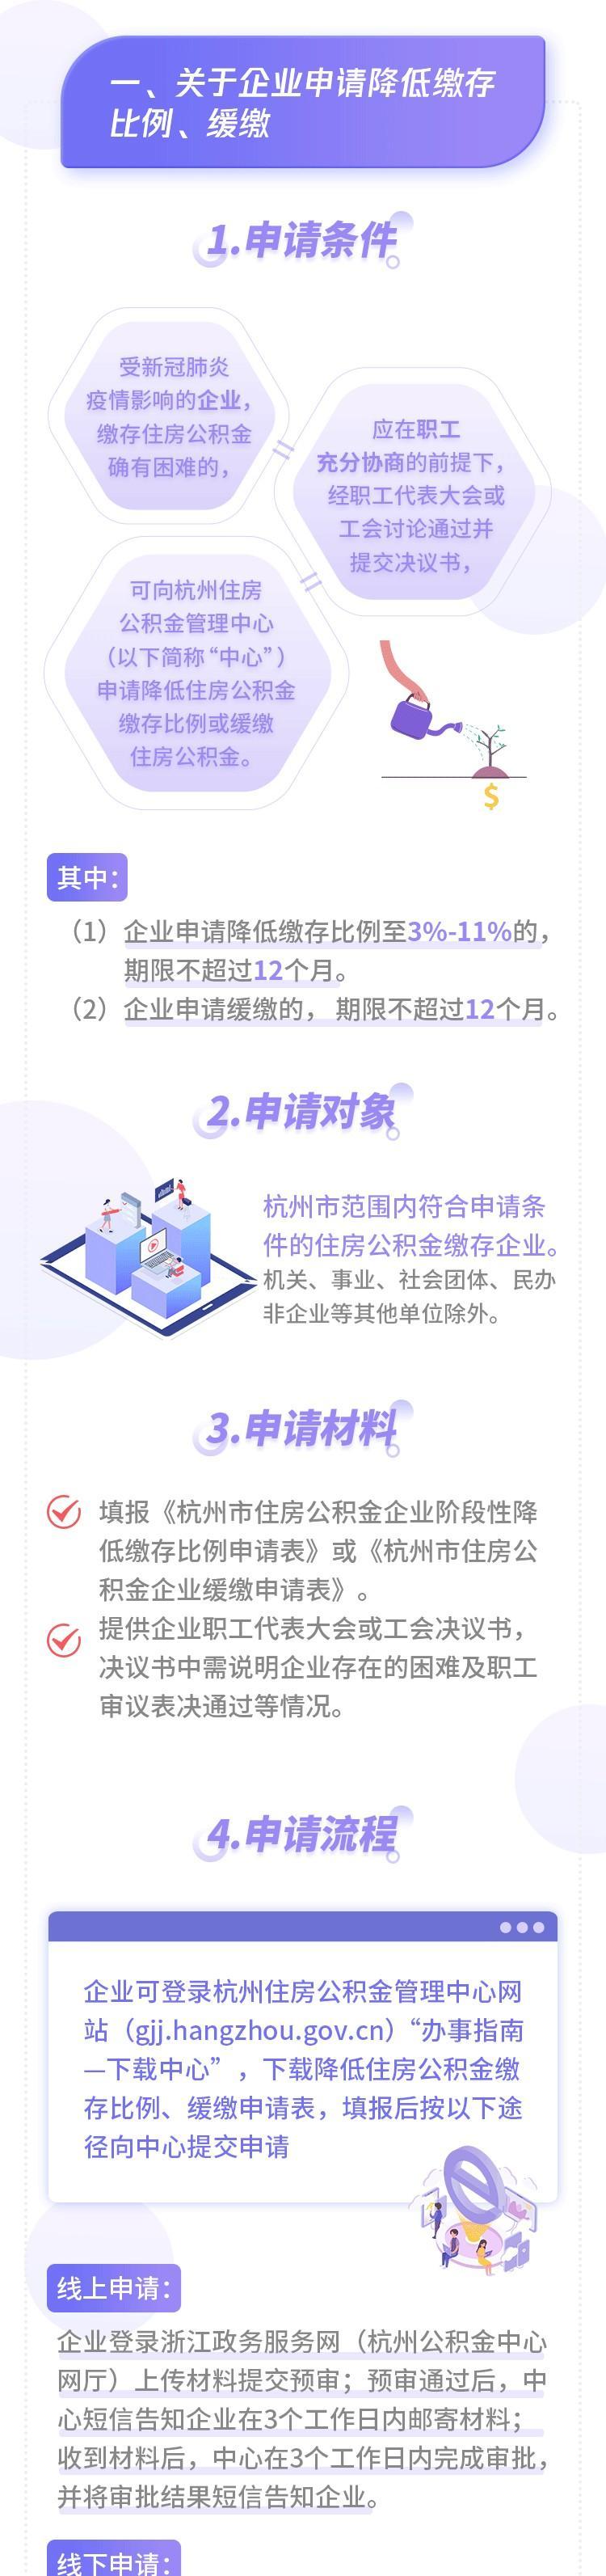 关于住房公积金,杭州再次出手!图1